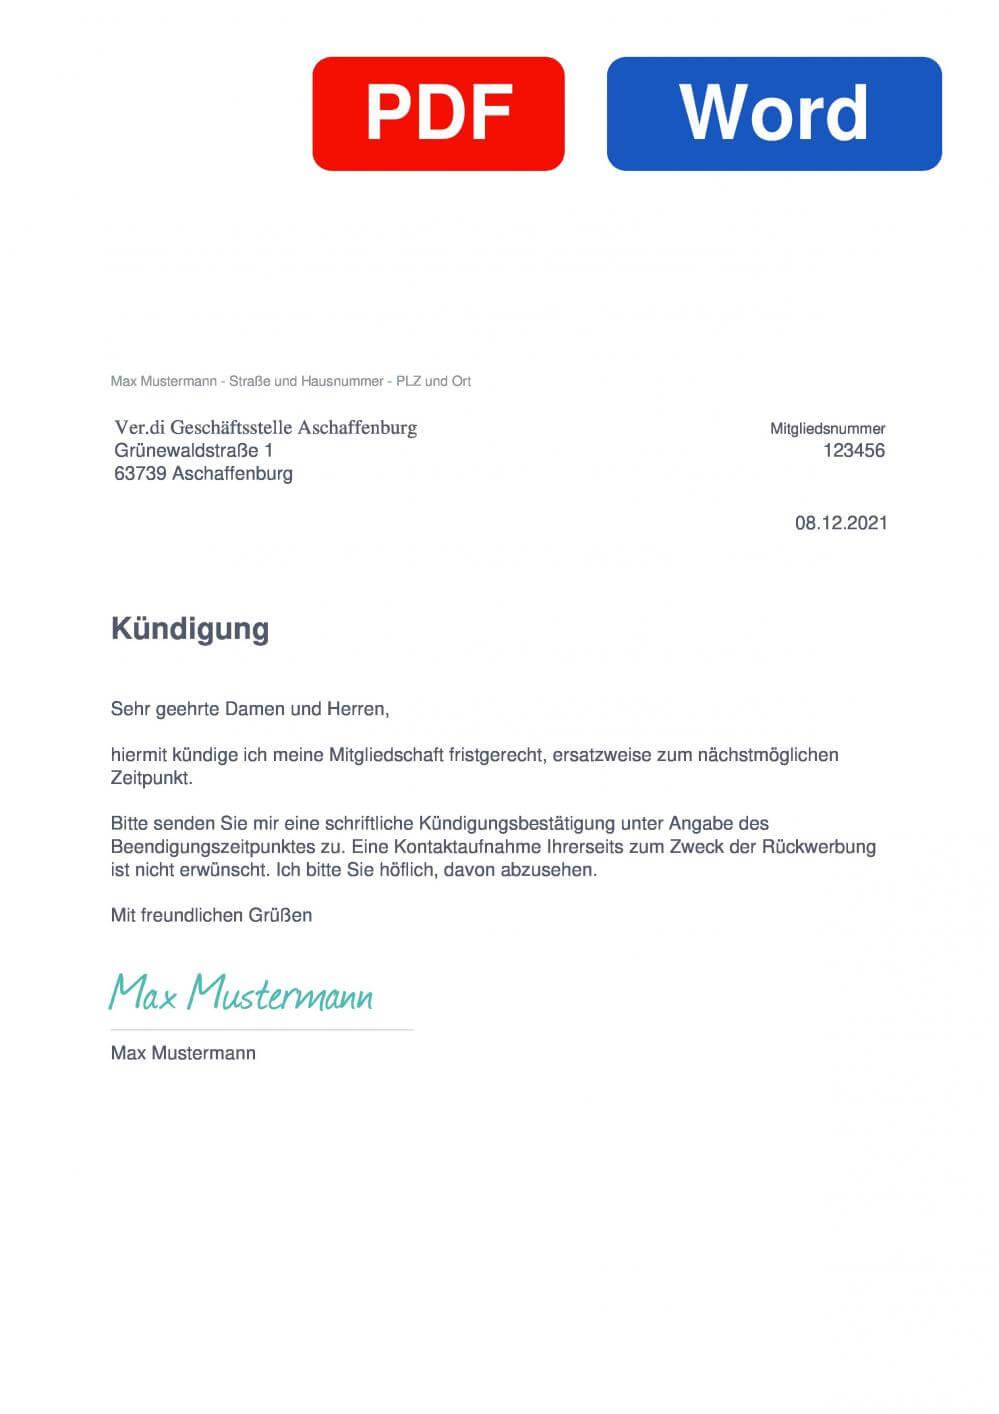 Verdi Aschaffenburg Muster Vorlage für Kündigungsschreiben